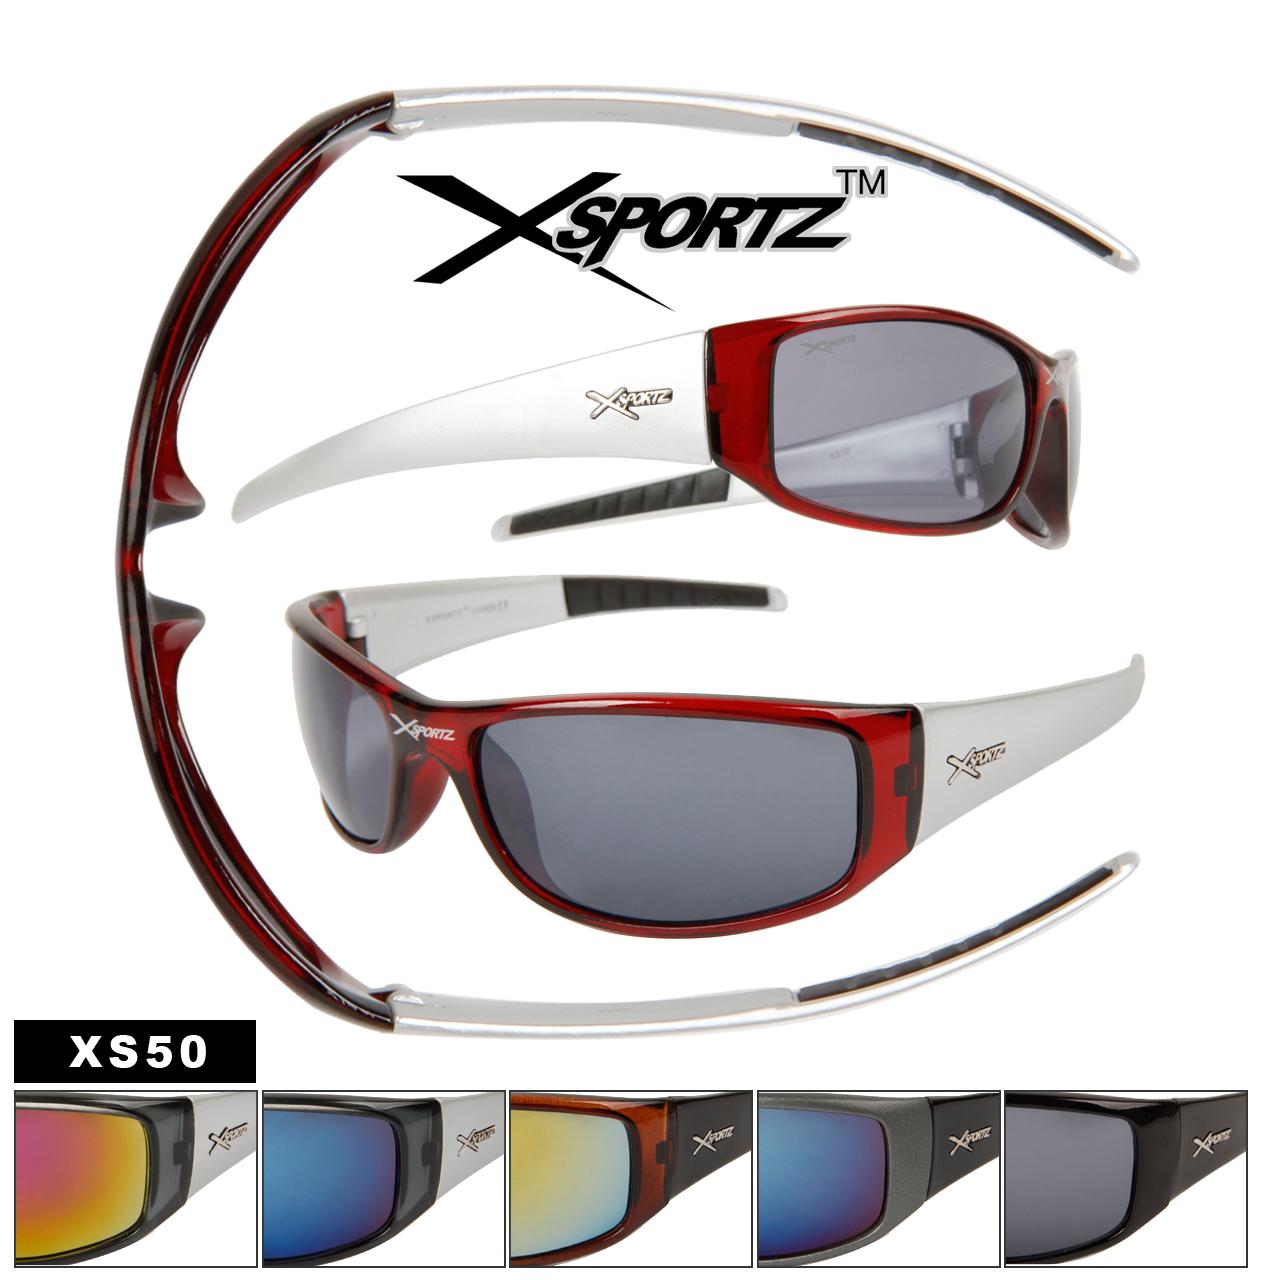 Xsportz Sunglasses XS50 Wholesale Sport Sunglasses (Assorted Colors) (12 pcs.)